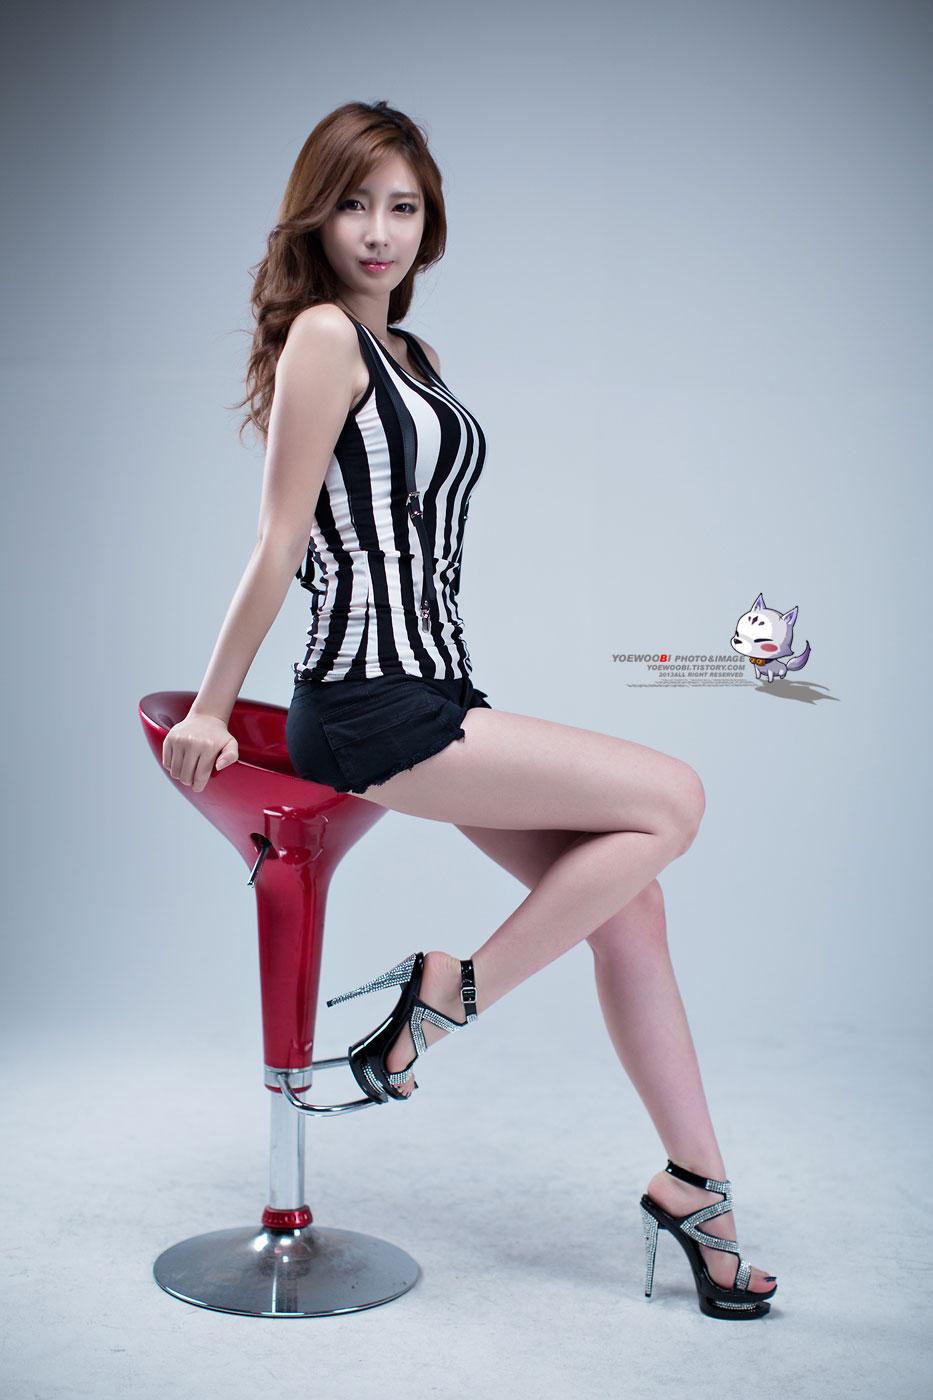 Korean model Shin Se Ha